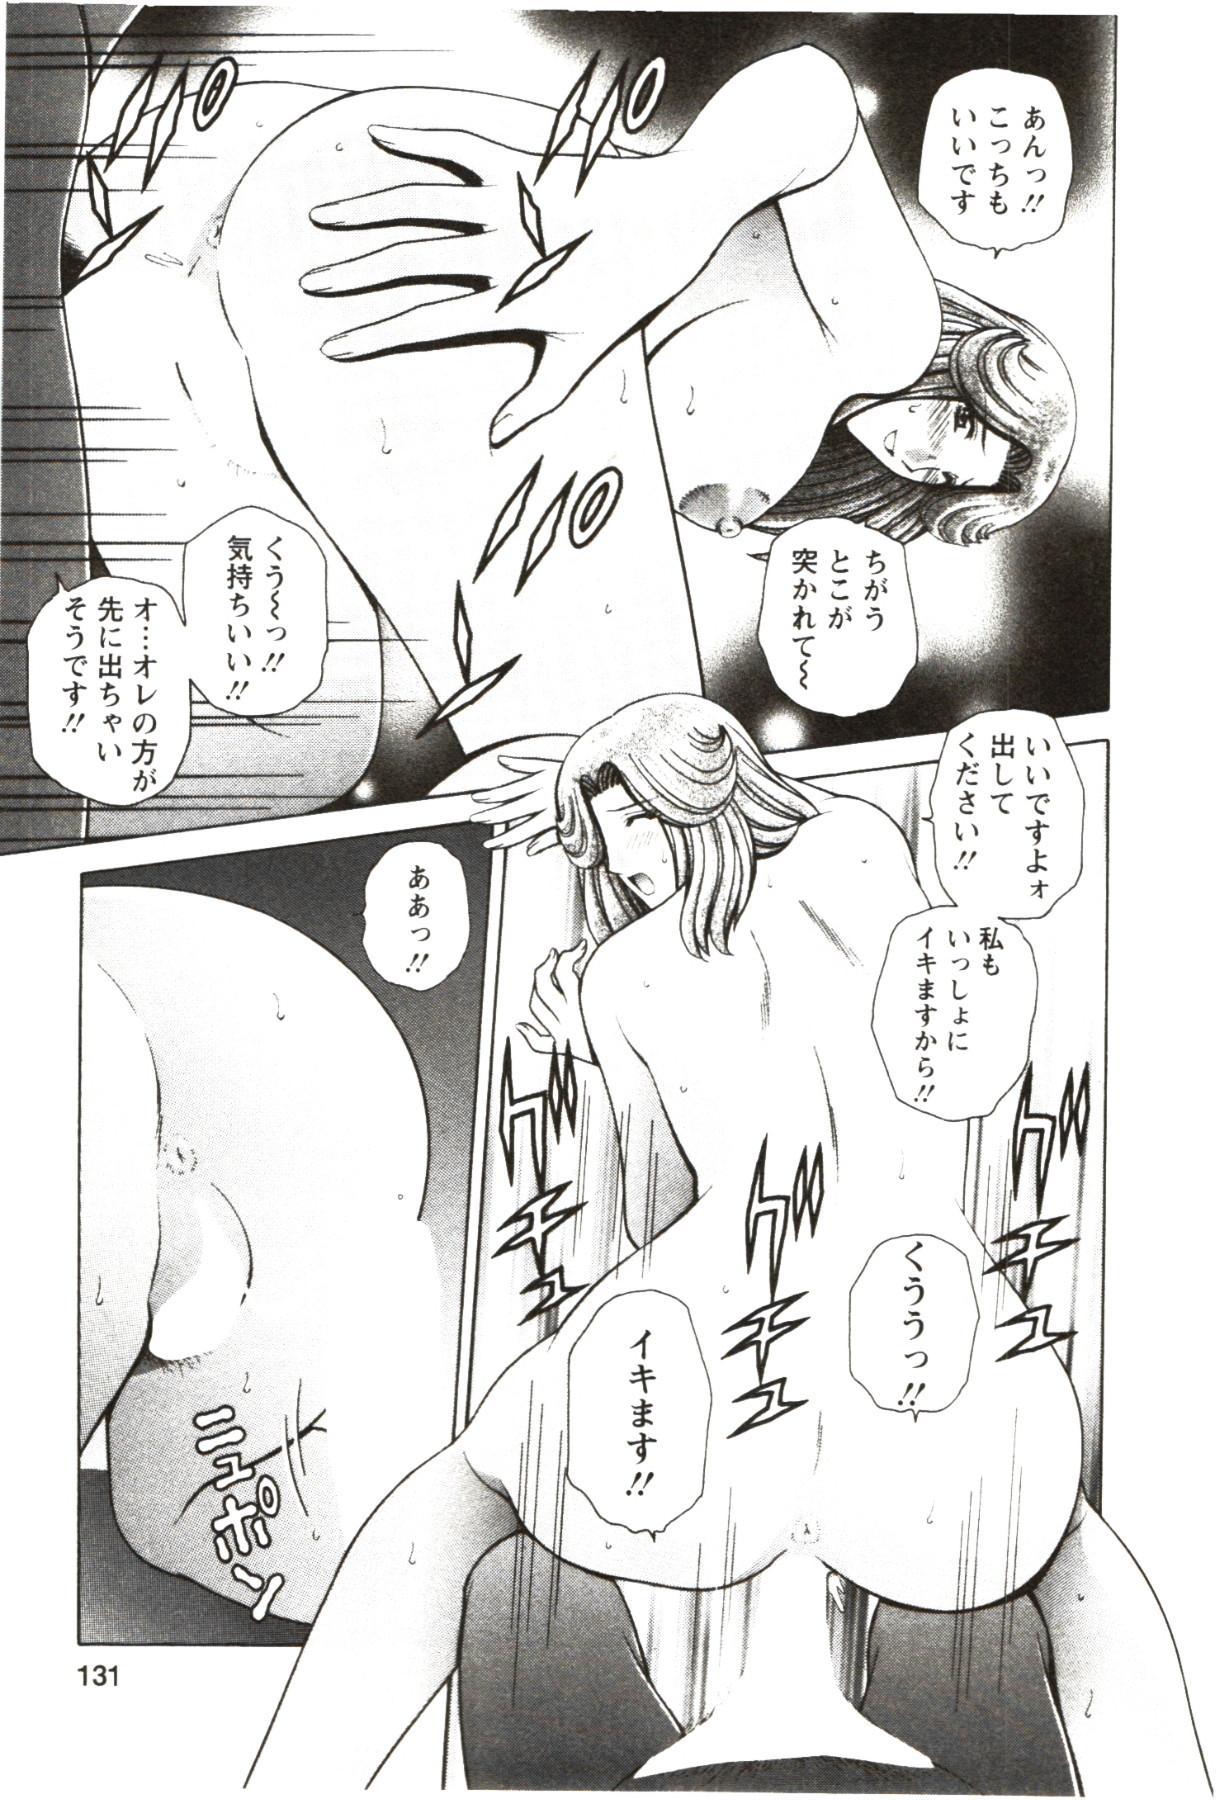 Futarigurashi 128